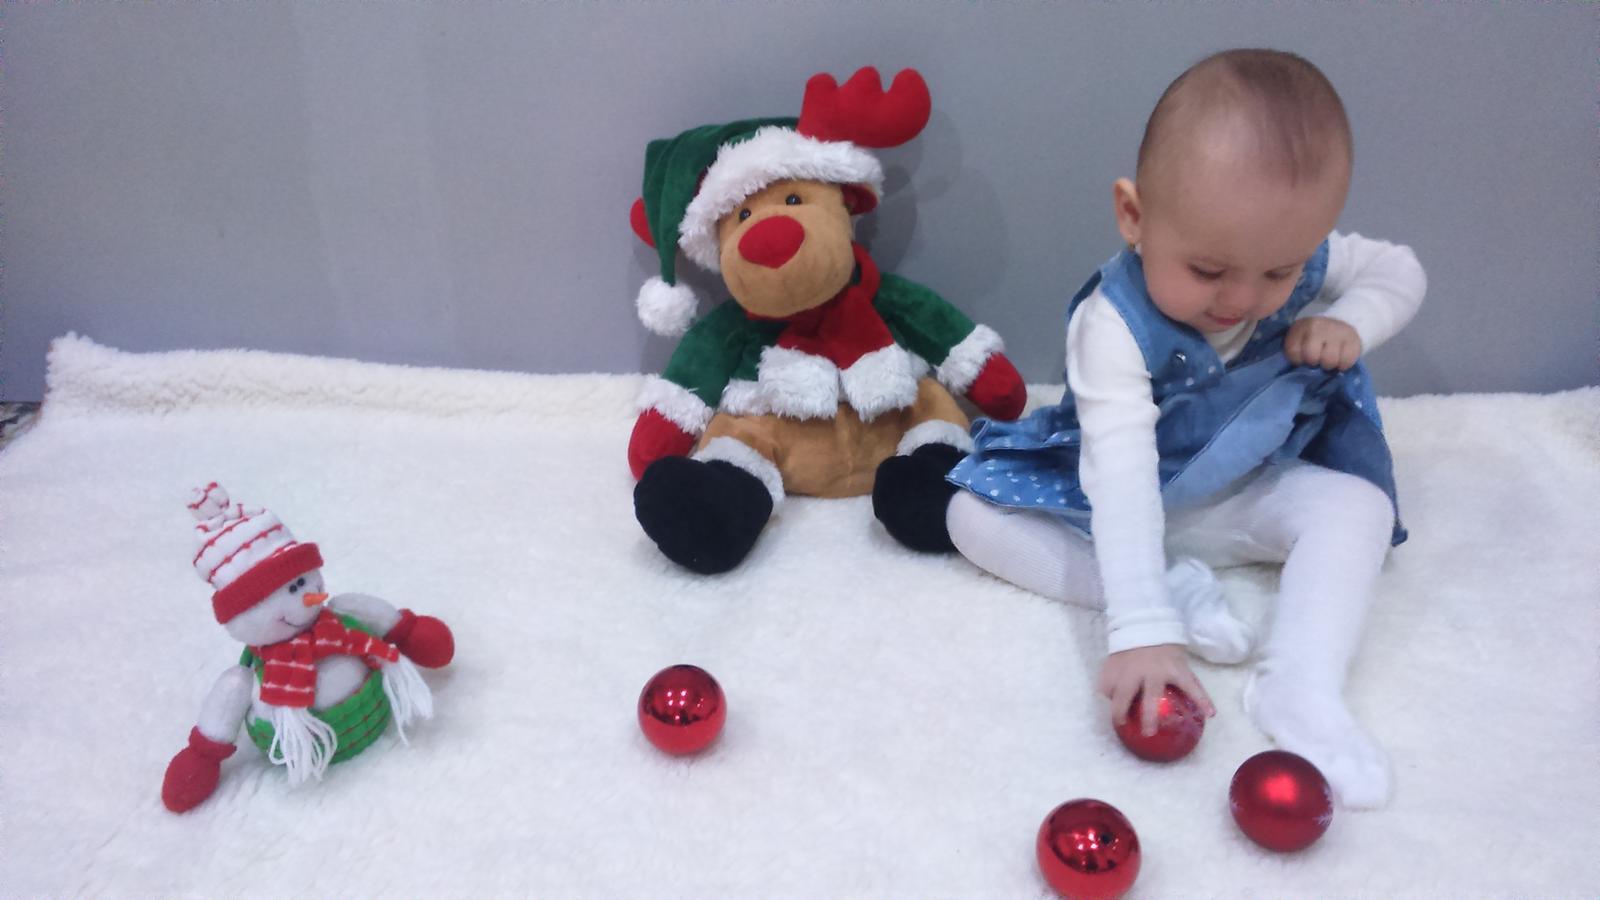 Vianočné fotenie - Obrázok č. 2